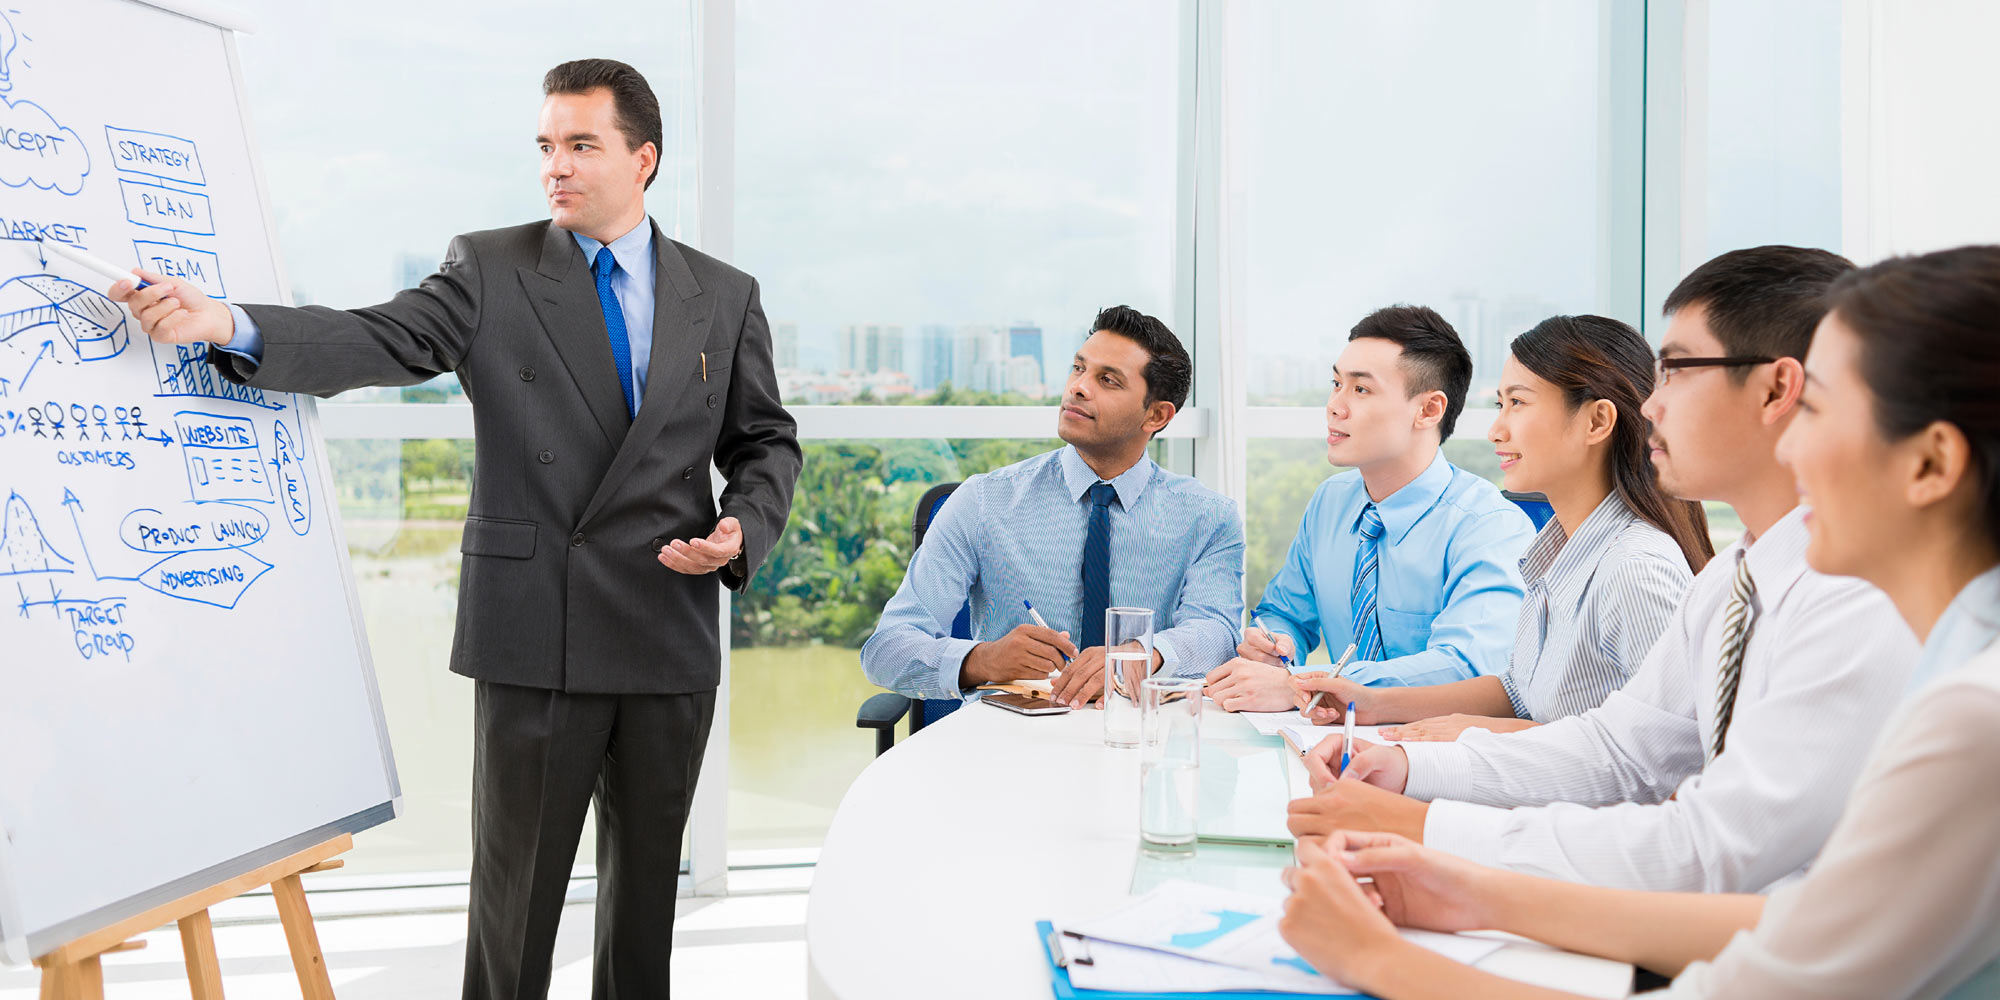 corporate meeting awakened dating